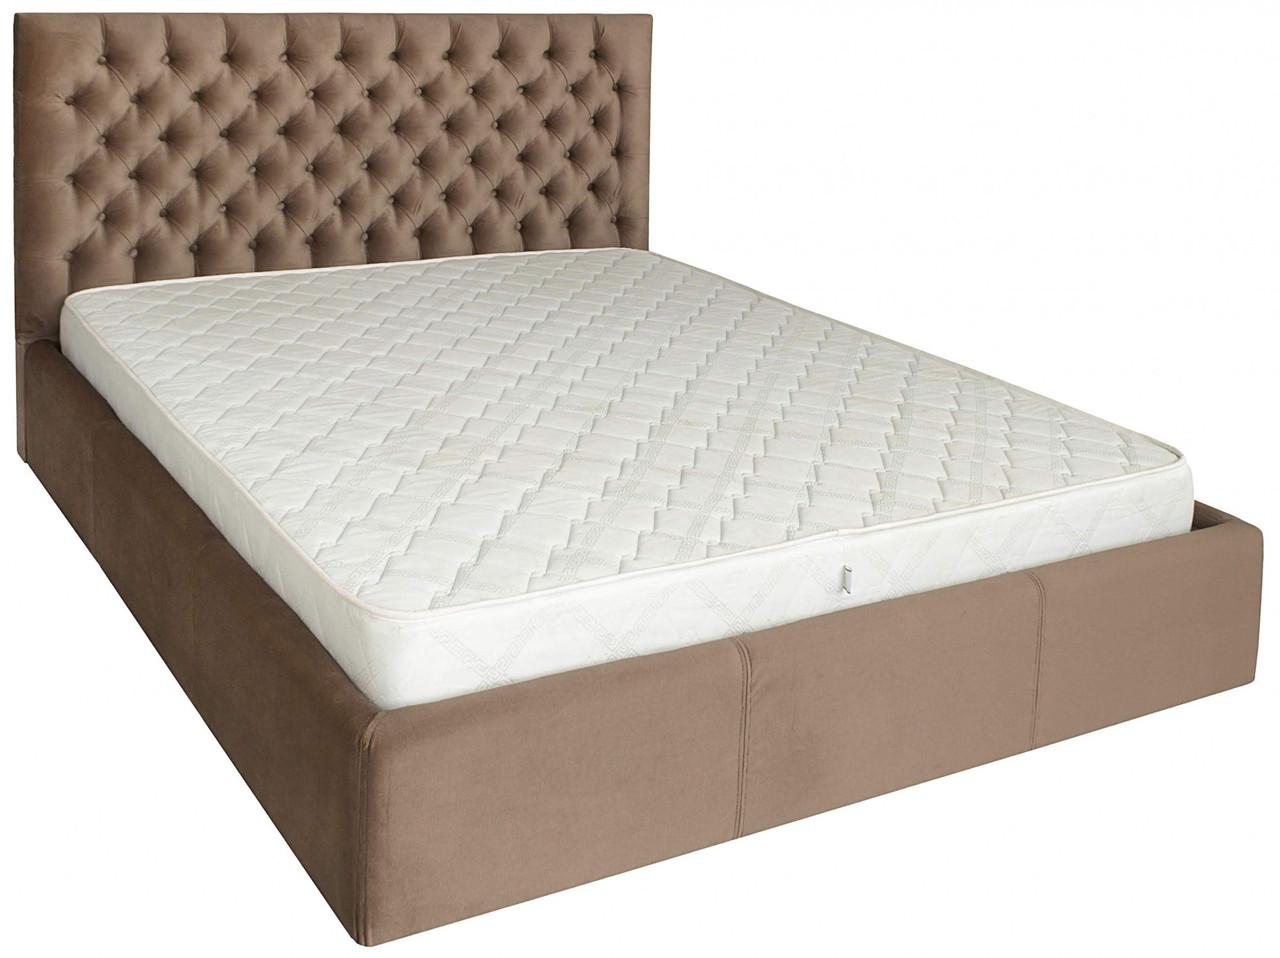 Кровать Richman Кембридж 120 х 190 см Missoni 04 С подъемным механизмом и нишей для белья Светло-коричневая